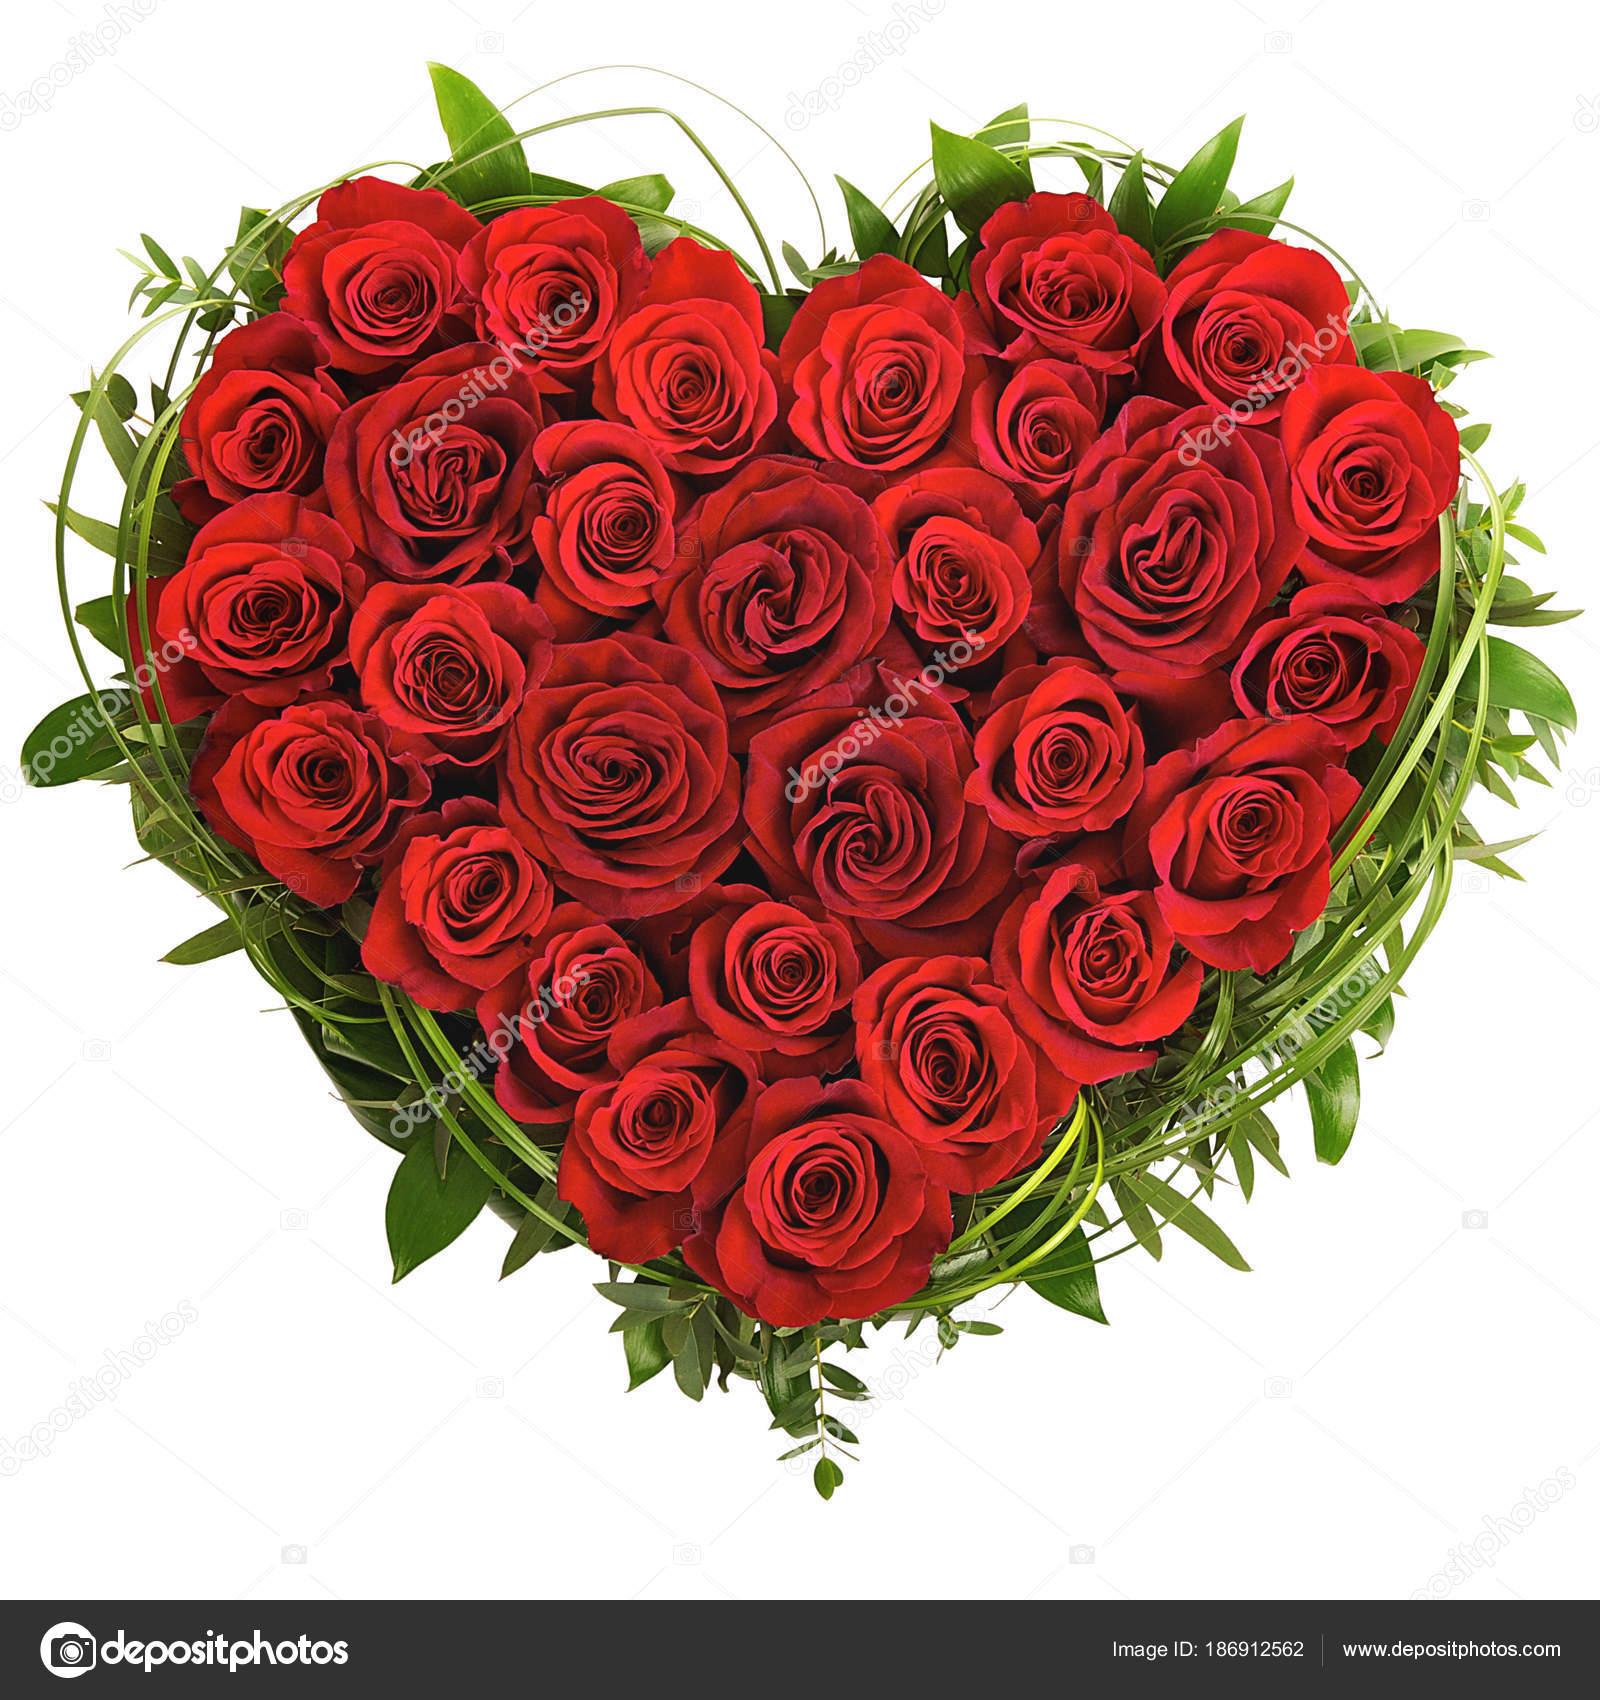 Imágenes Corazon Con Rosas Corazón Rosas Sobre Fondo Blanco